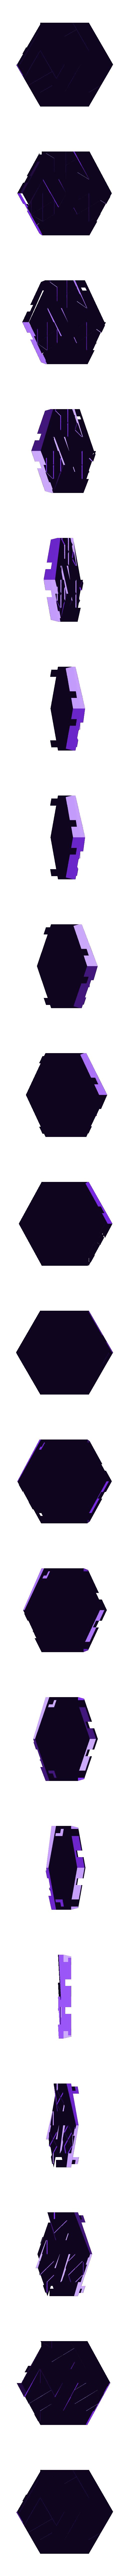 complete.stl Download free STL file Secret geometry medallion • 3D printable model, Job